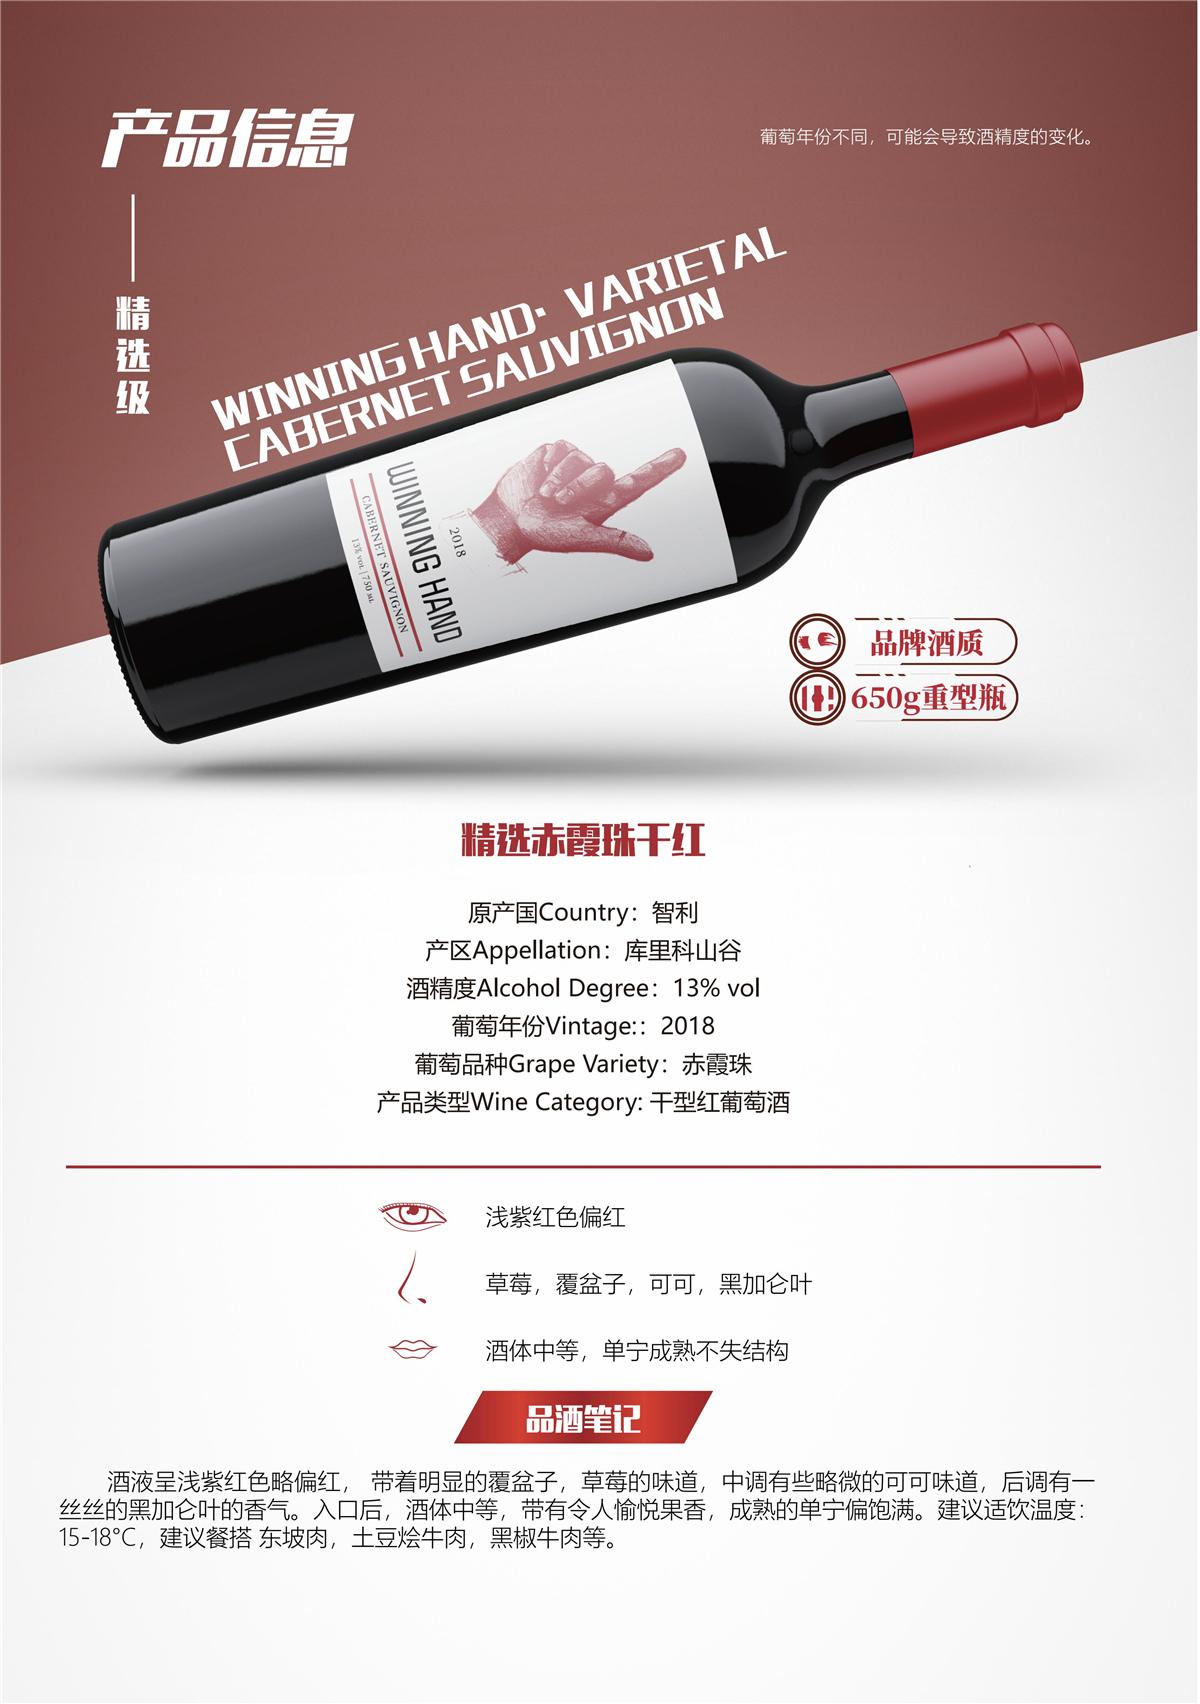 智利库里科谷凯旋之手精选赤霞珠干红葡萄酒红酒